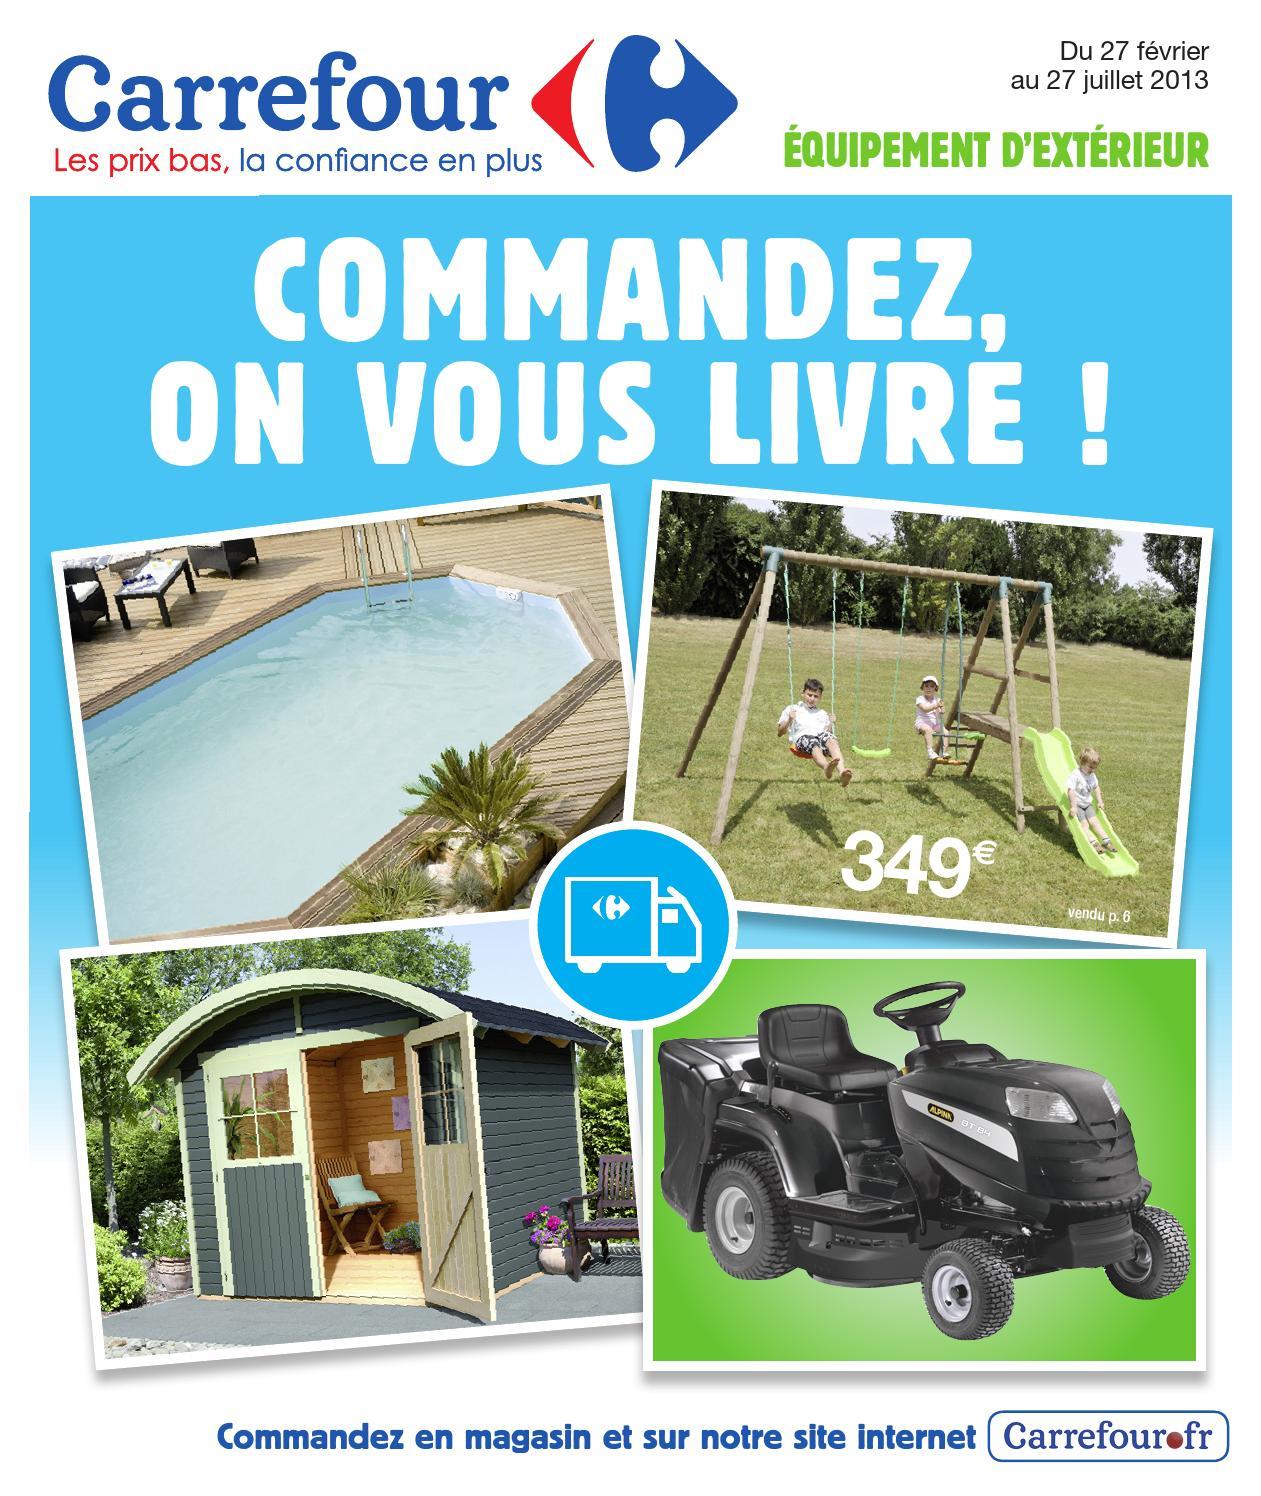 Catalogue Carrefour Commandez On Vous Livre By Pro ... tout Couche Piscine Carrefour